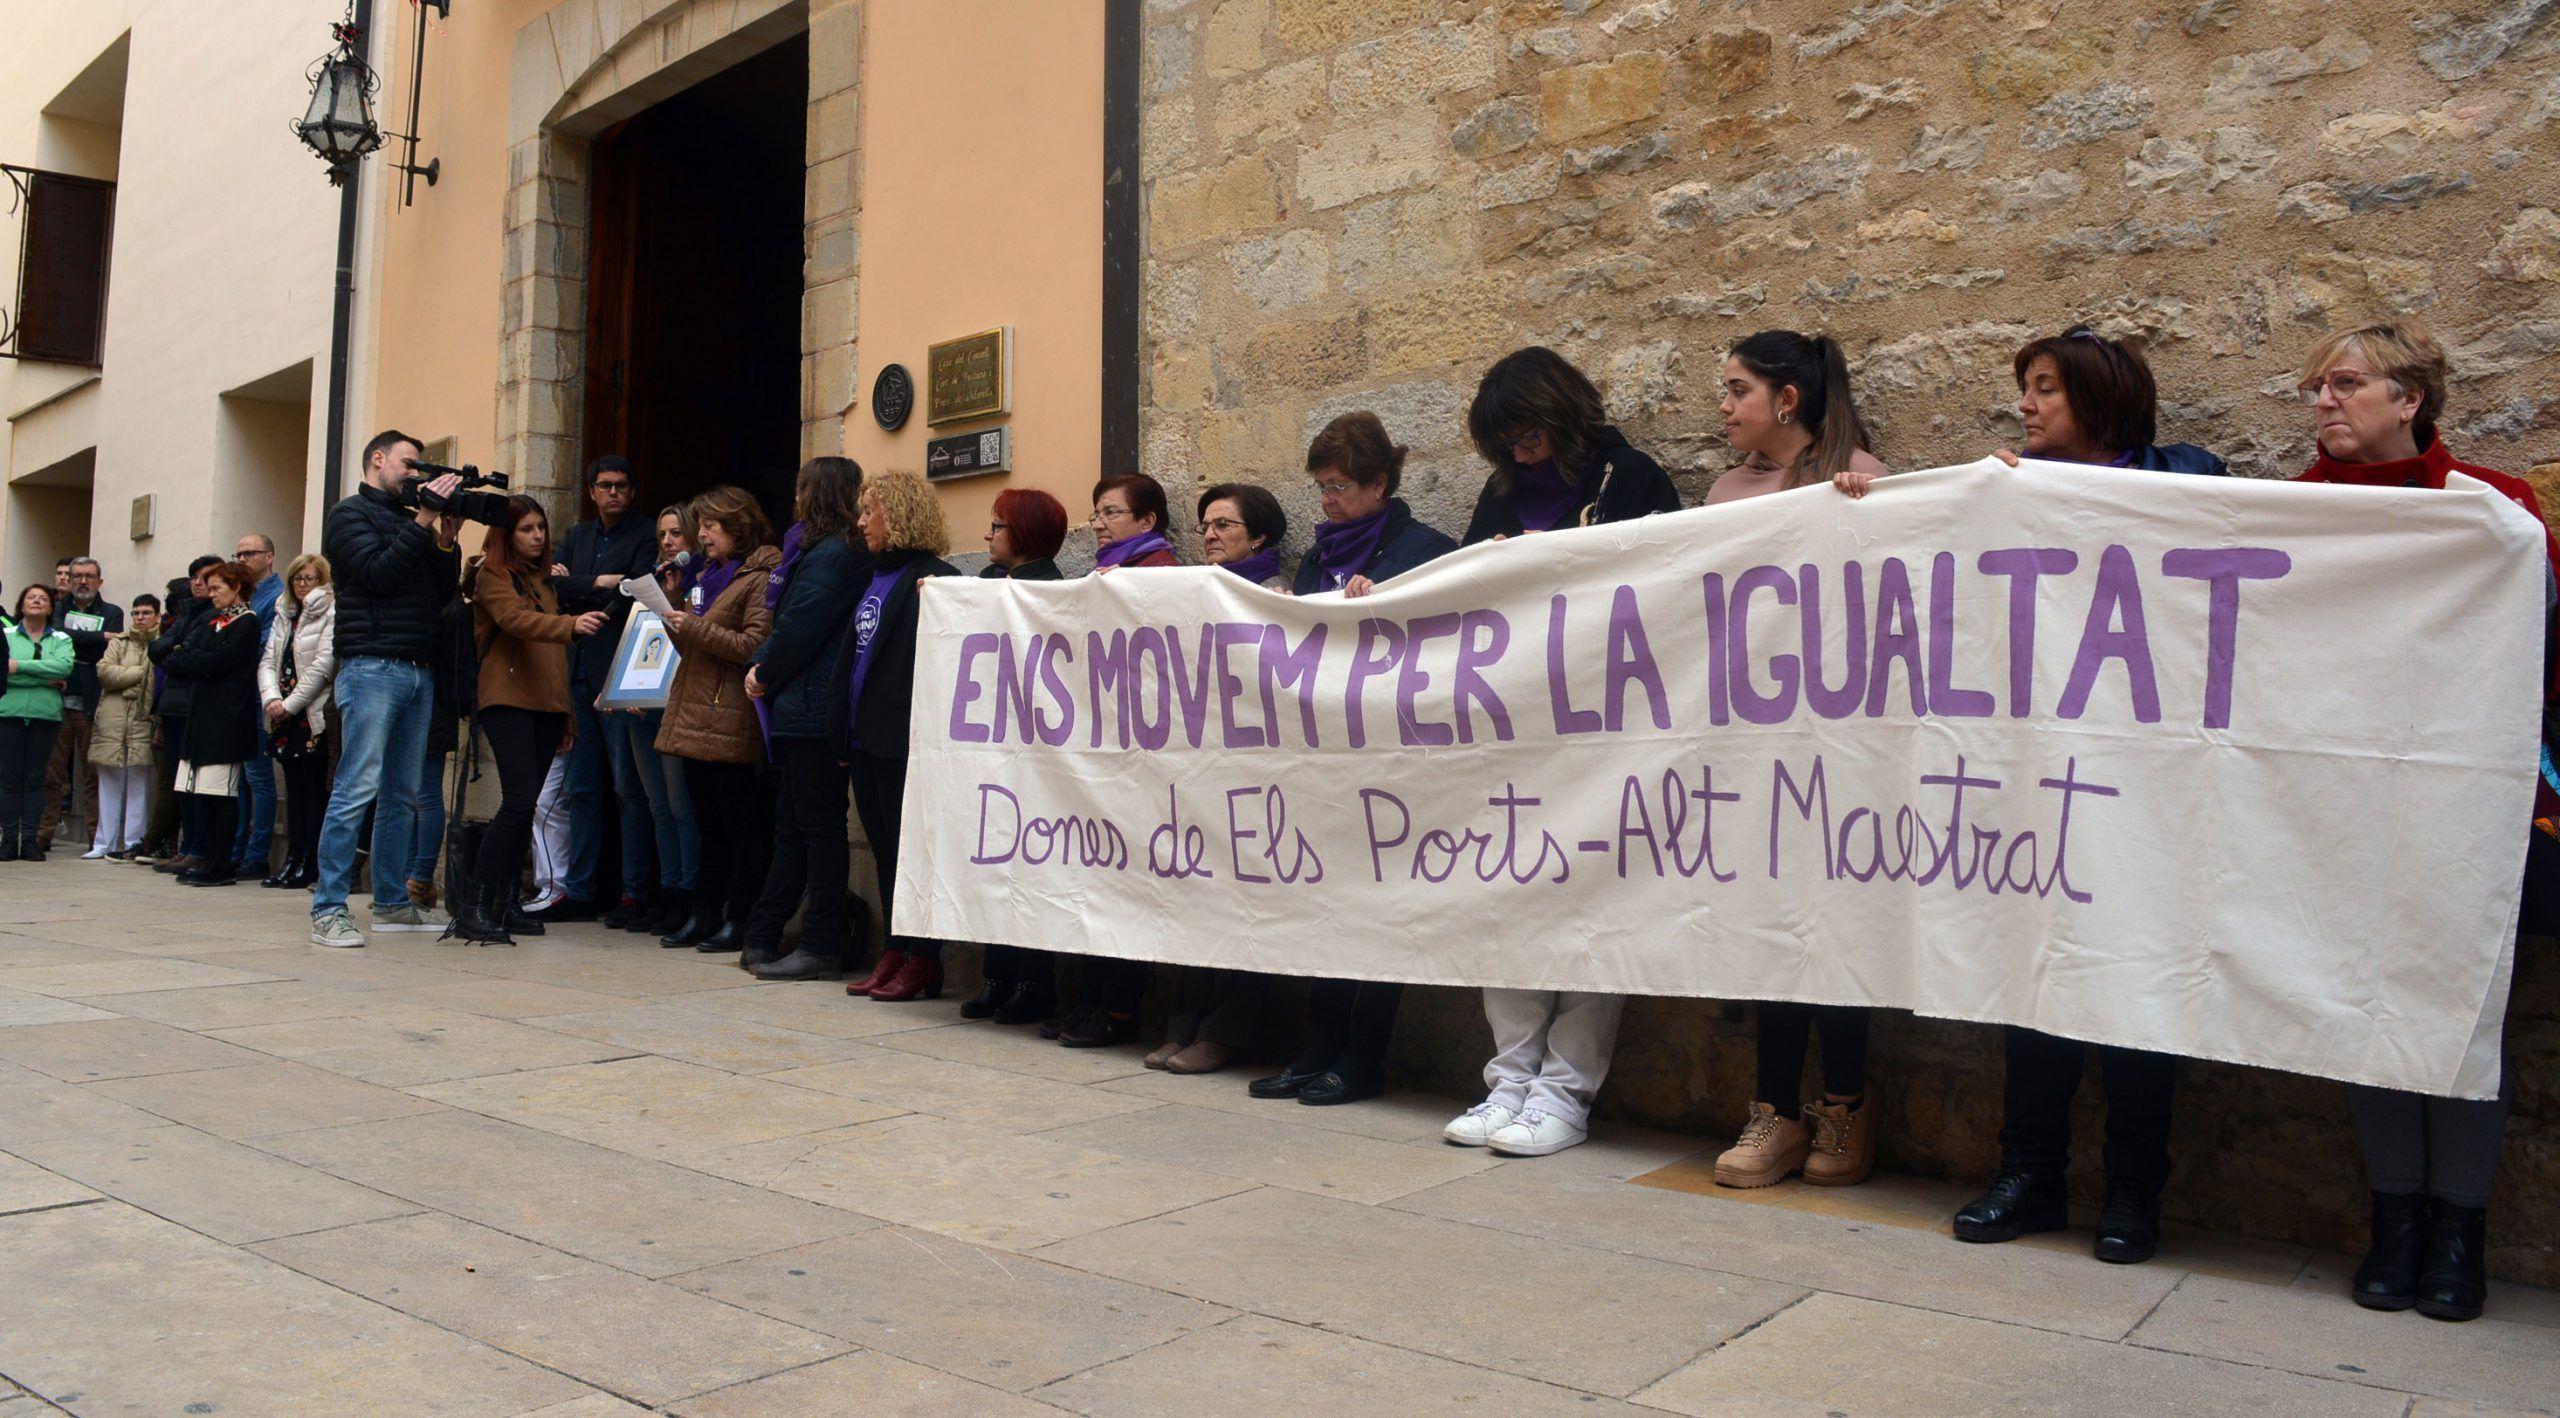 Morella organitza activitats que reivindiquen la igualtat durant tot el mes de març